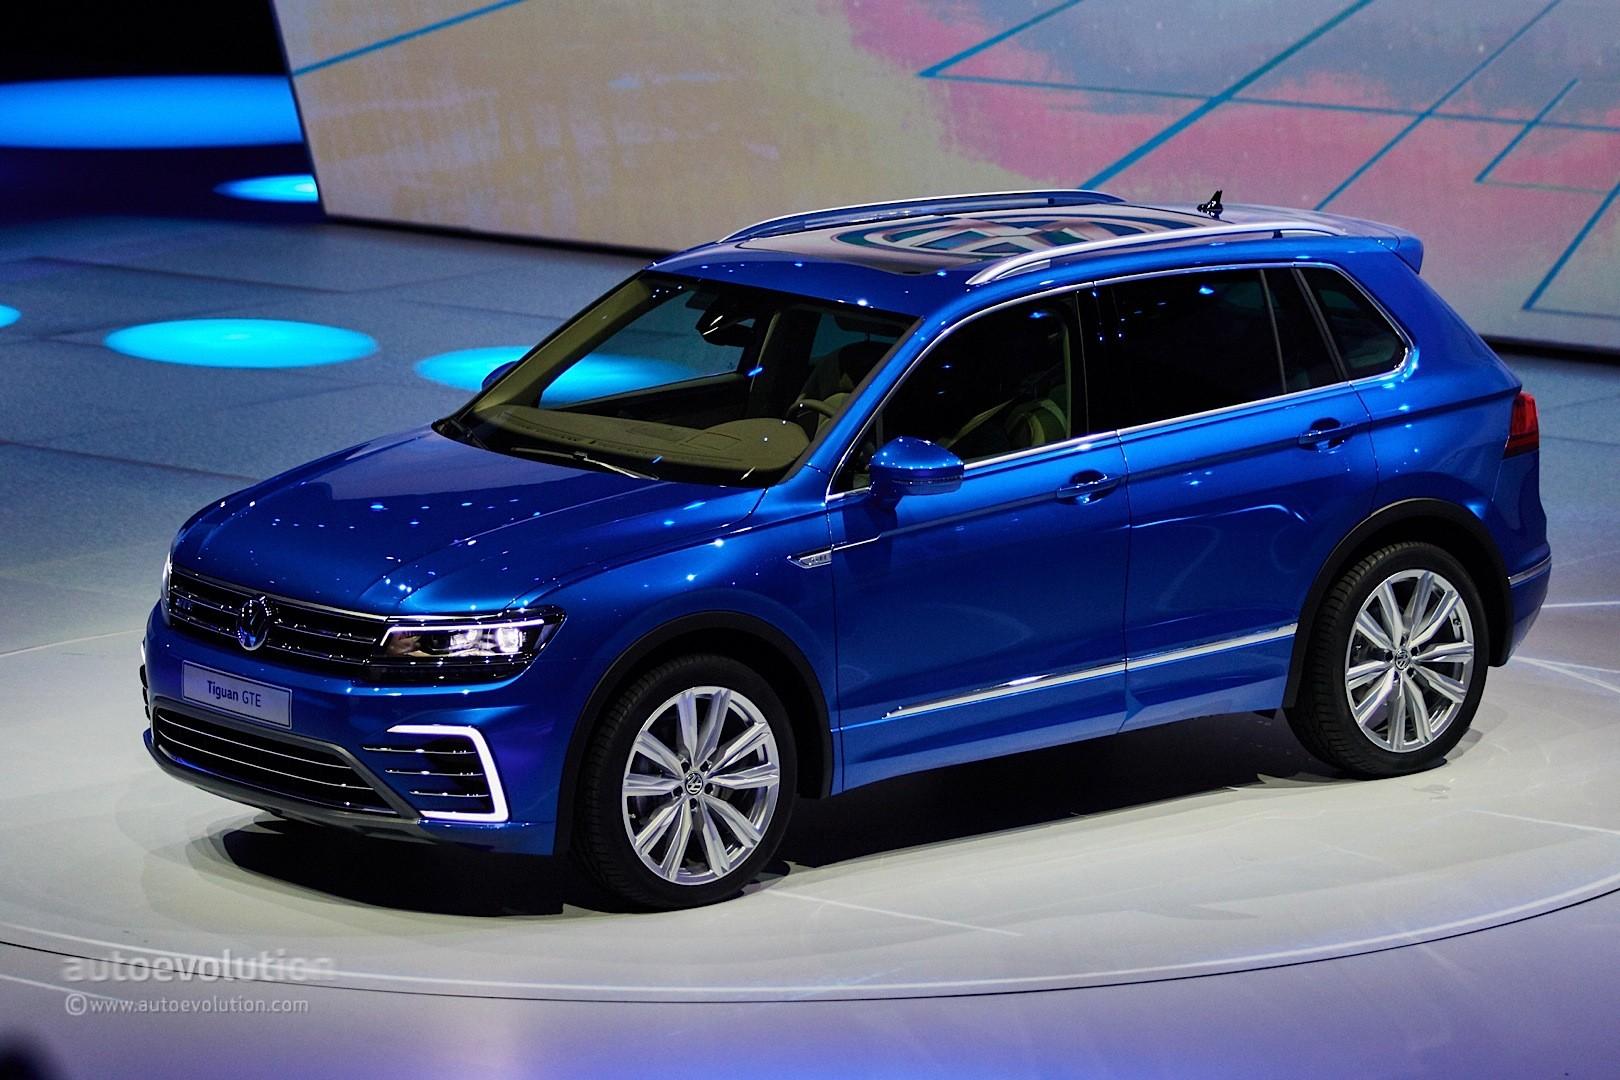 2016 Volkswagen Tiguan Gte Concept